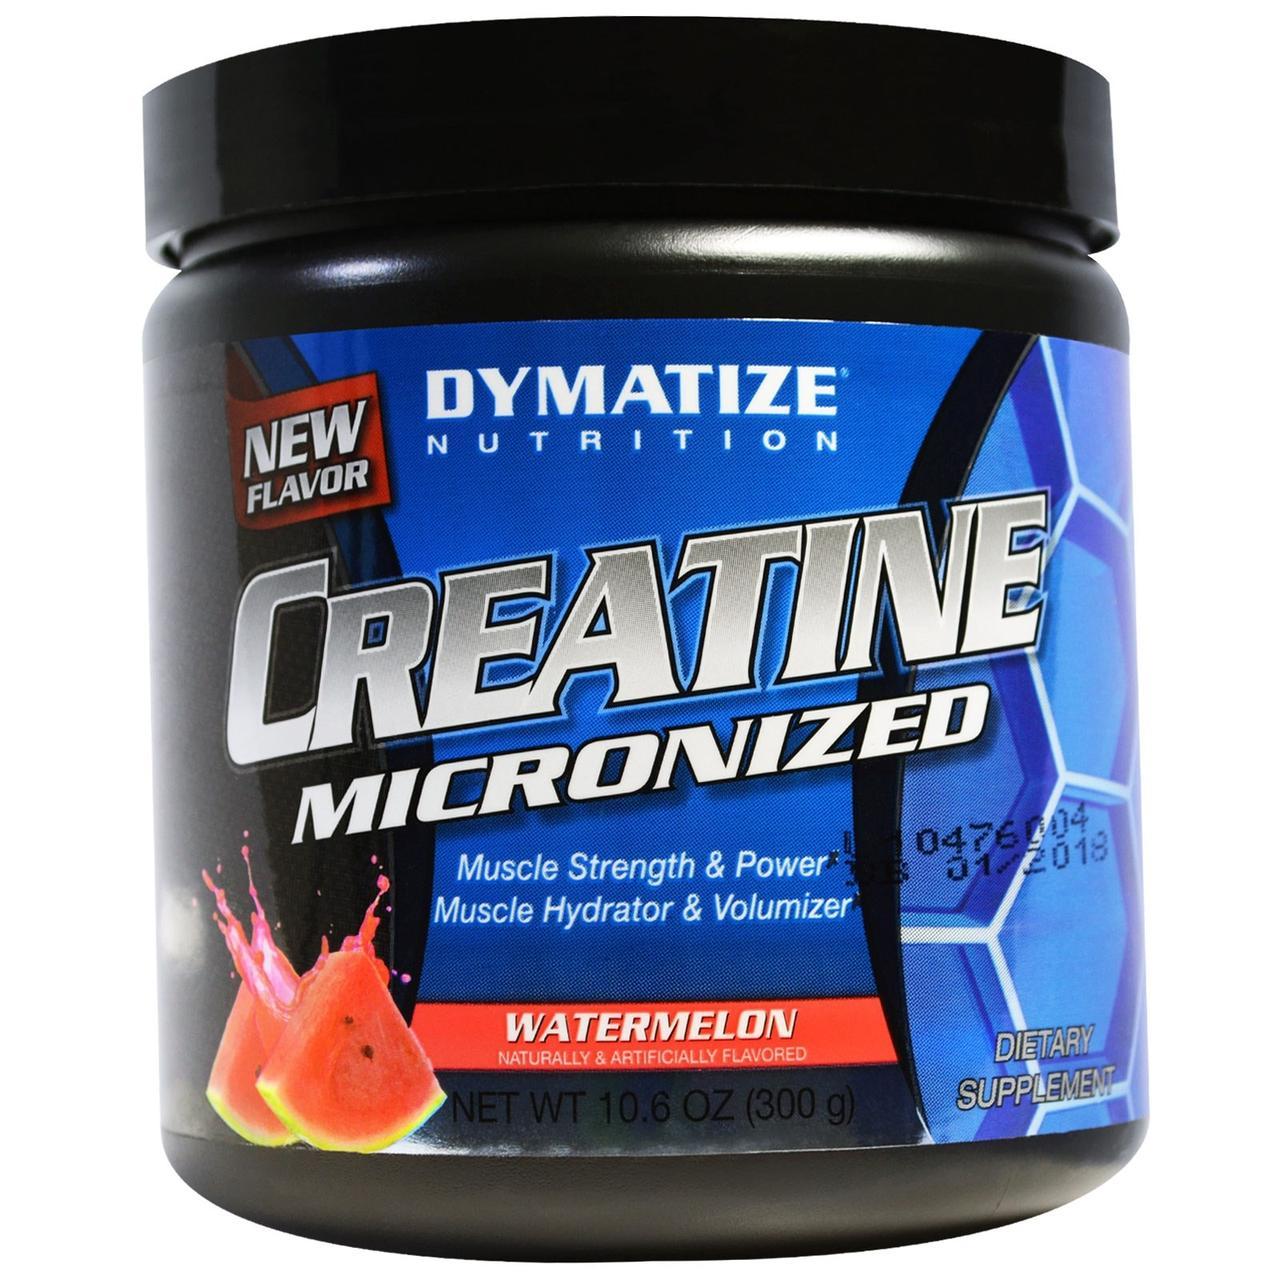 Dymatize Nutrition, Креатин микронизированный, арбуз, 10,6 унций (300 г)